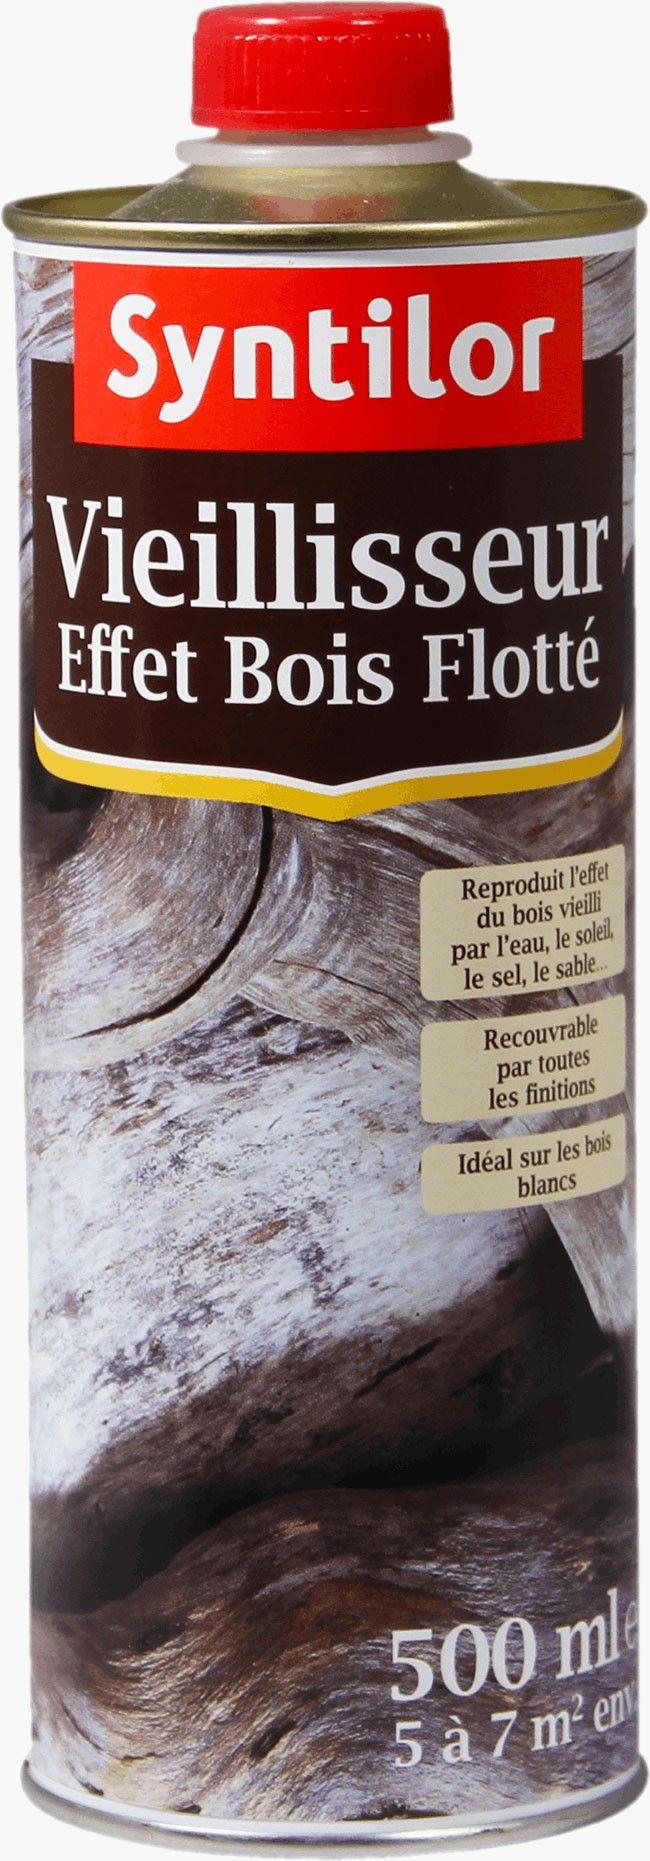 Vieillisseur Effet Bois Flotté 0,5L